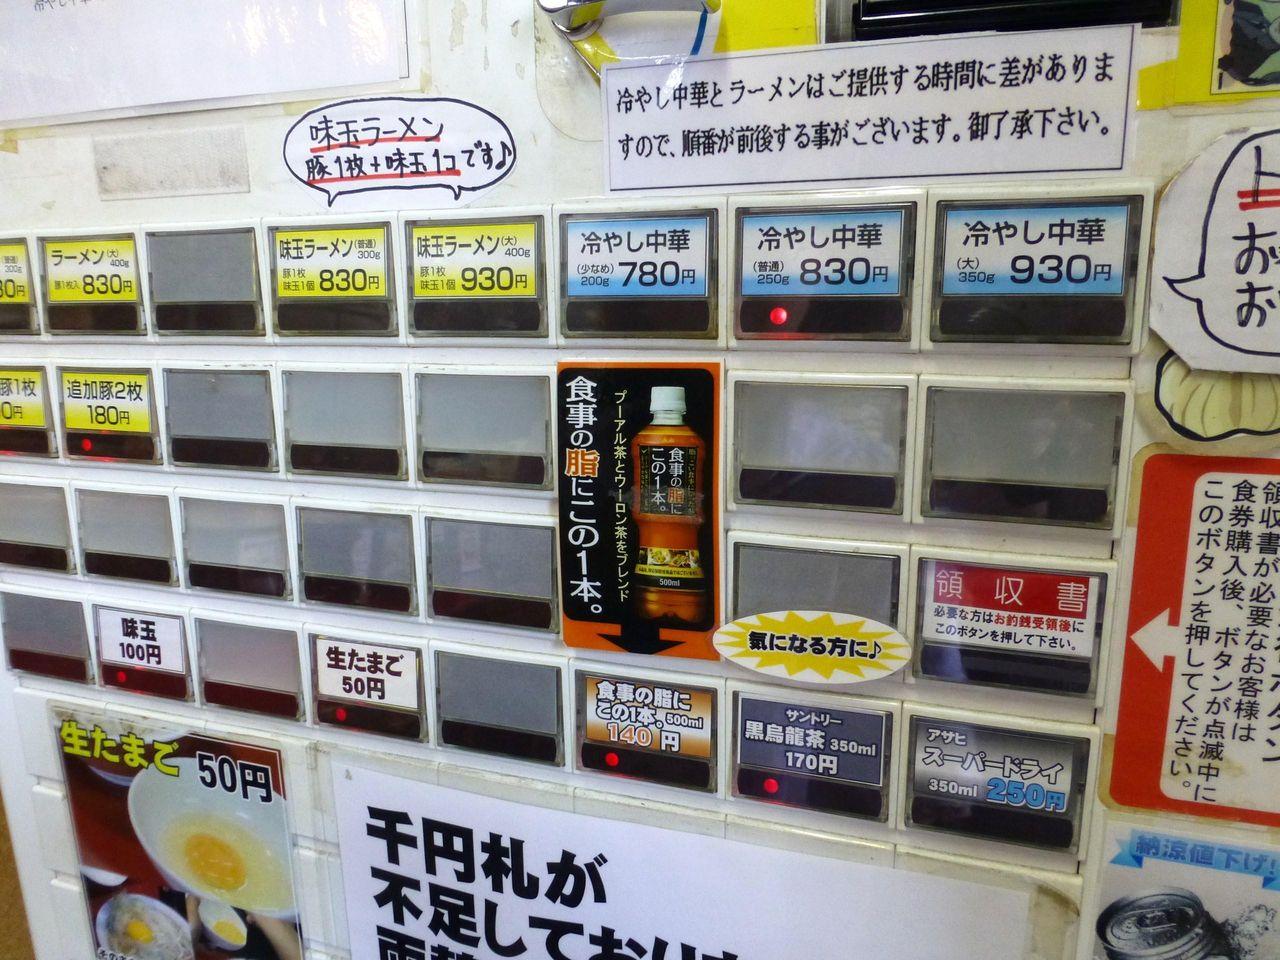 冷やし中華は昨年より150円値上げ!(26年8月現在)